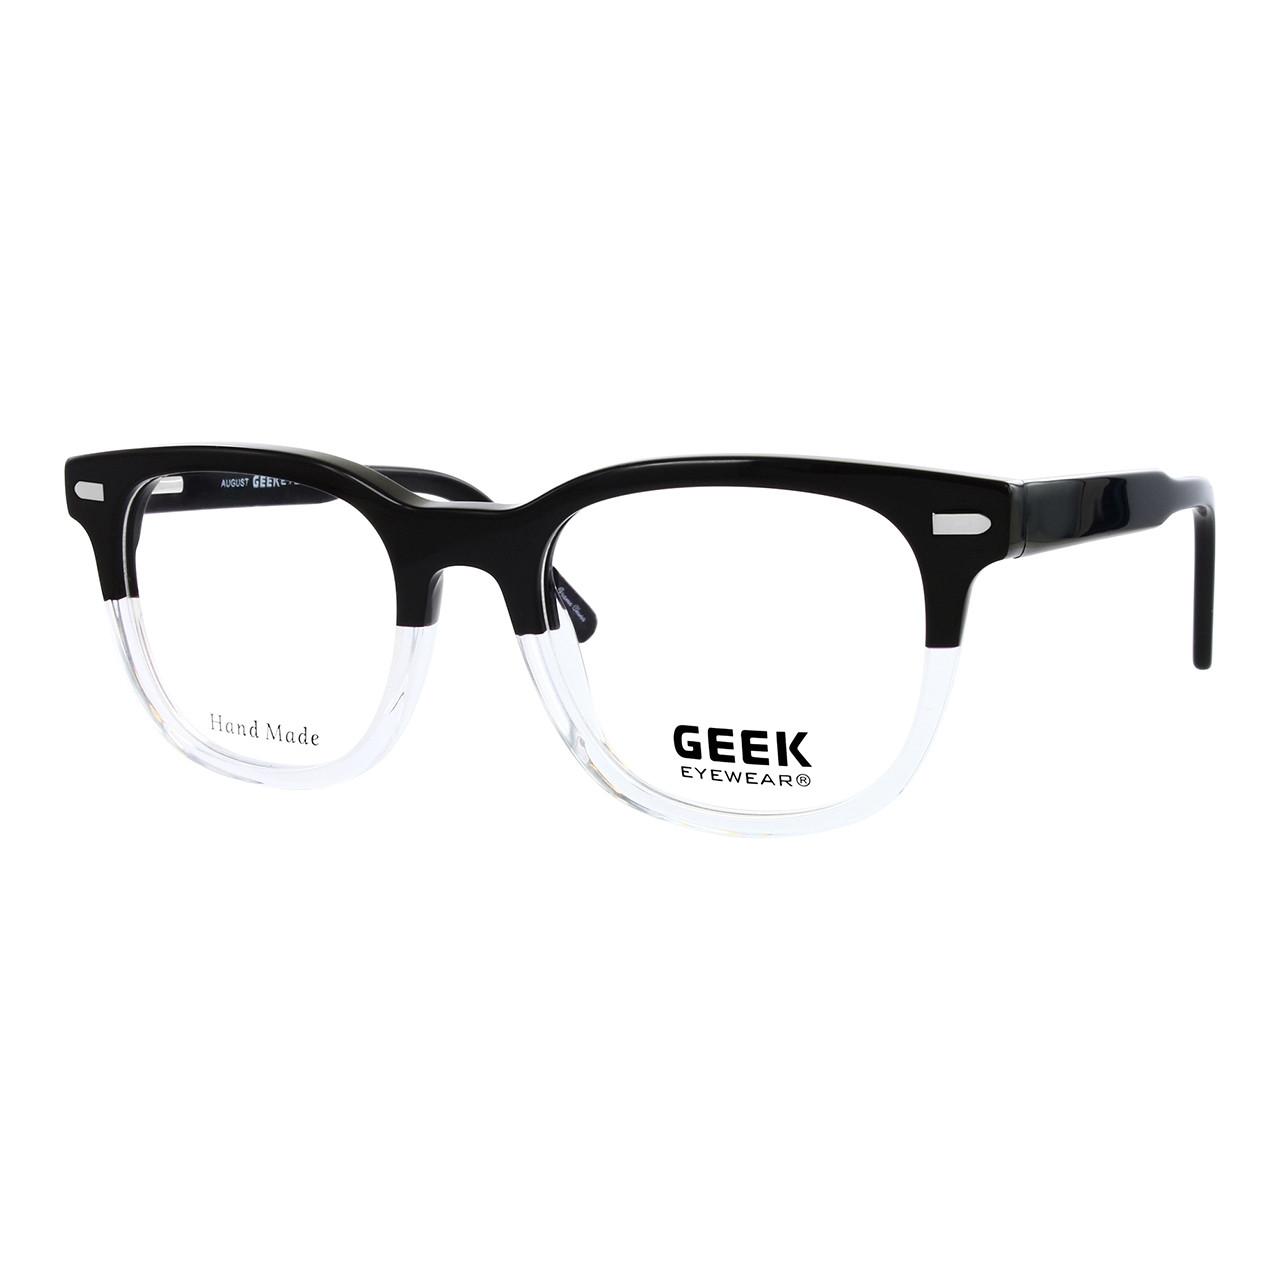 GEEK Eyewear GEEK AUGUST in Black-Crystal